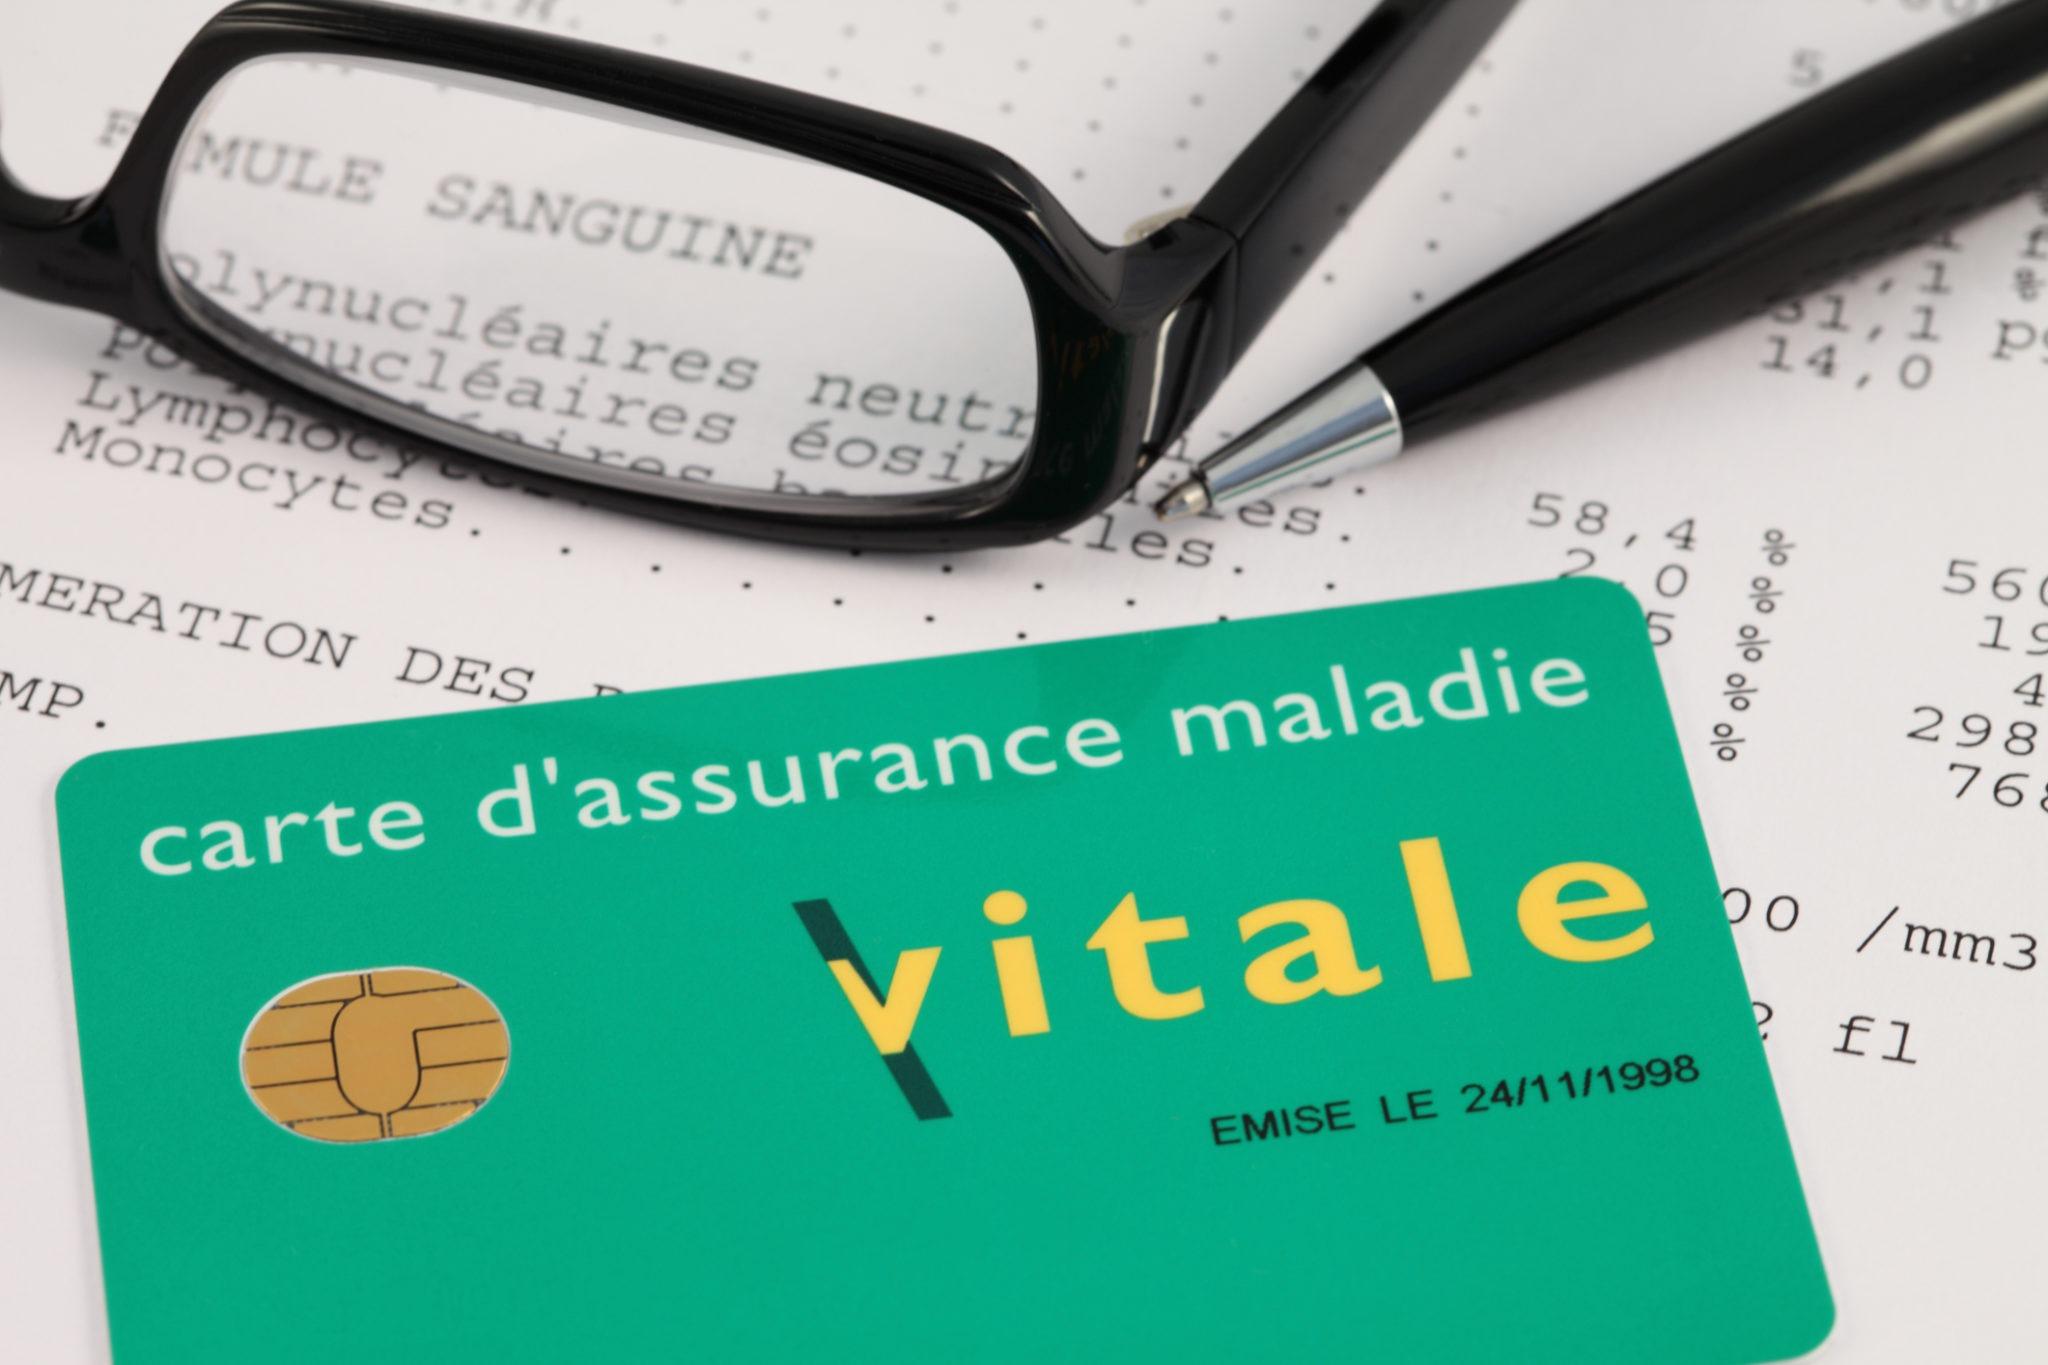 Carte vitale assurance maladie santé